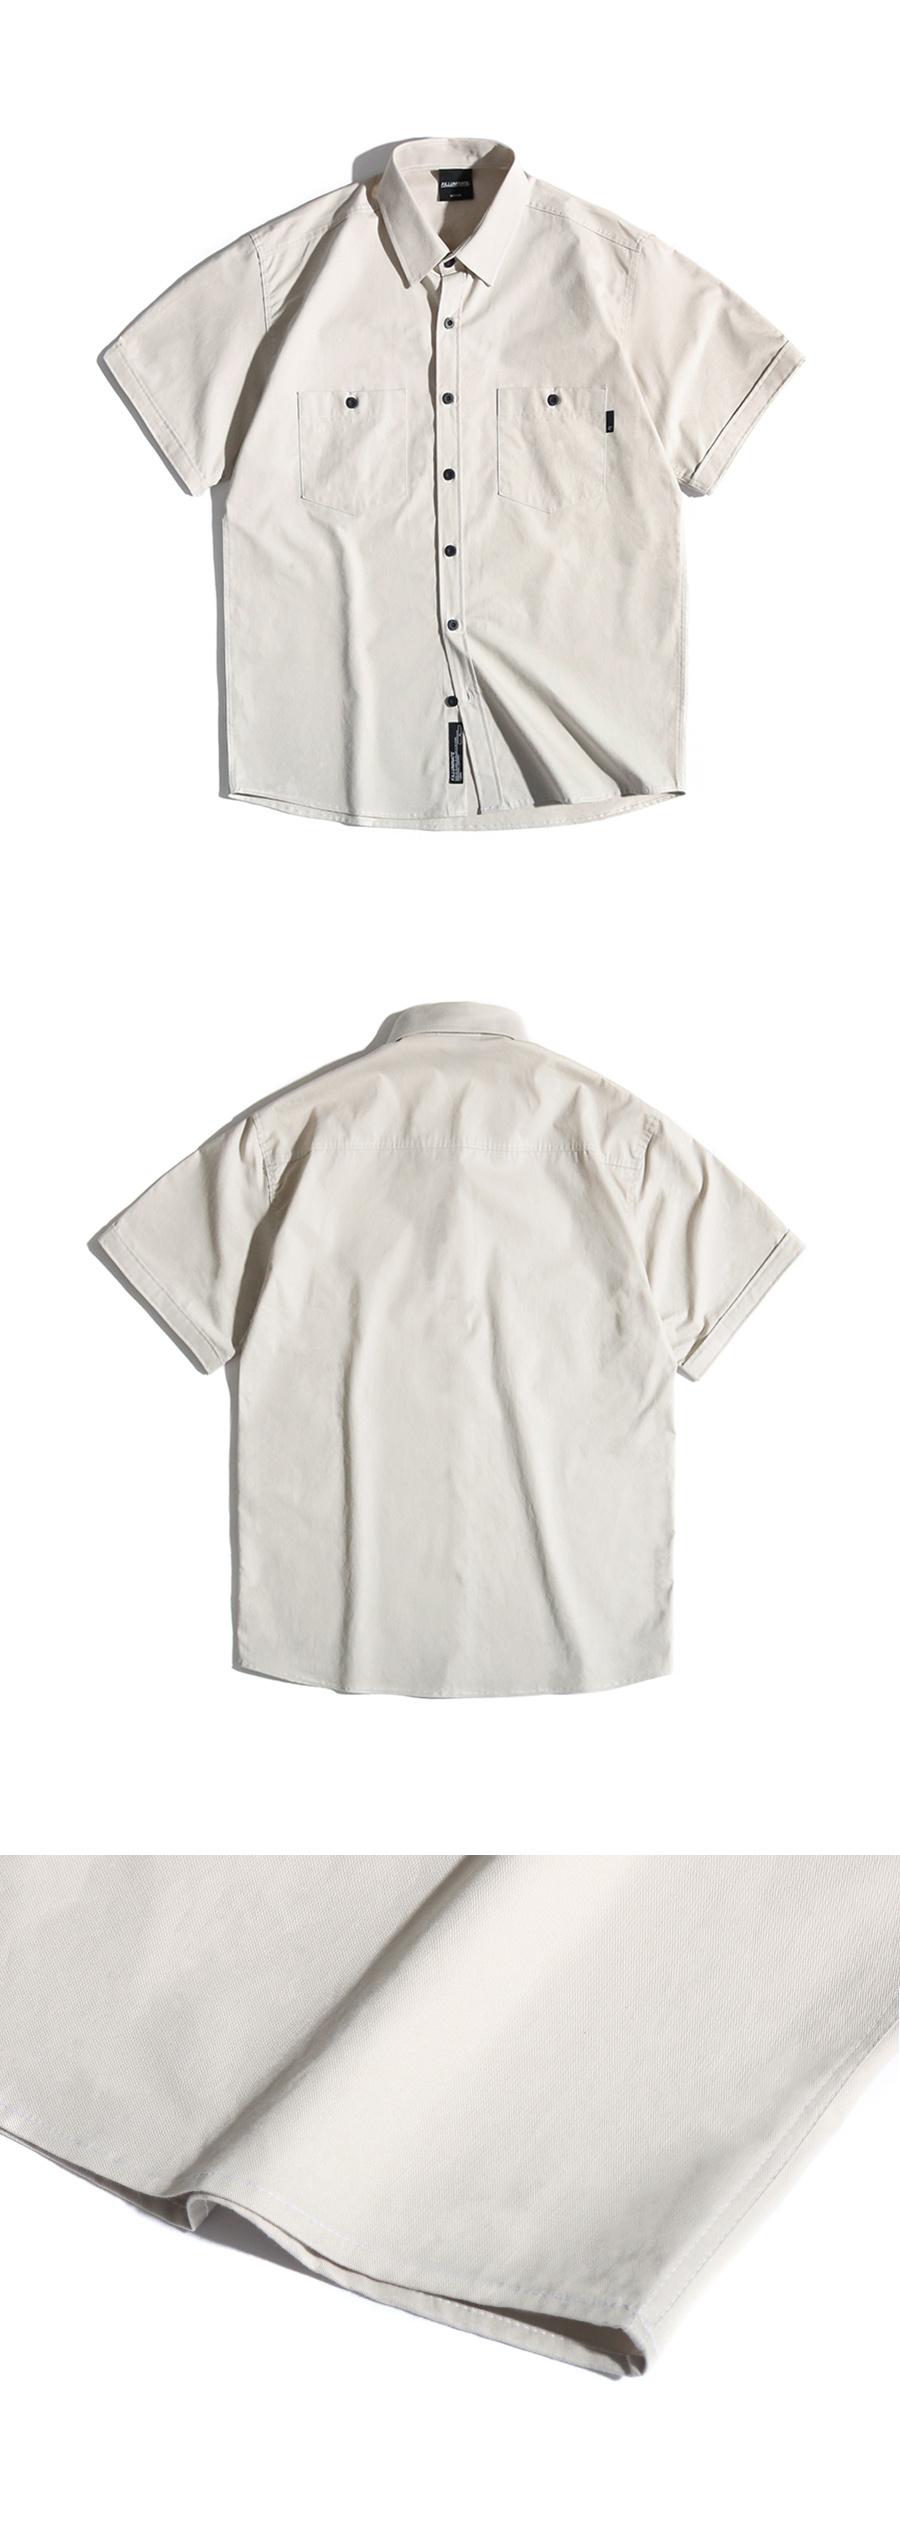 필루미네이트(FILLUMINATE) 유니섹스 포켓 하프 셔츠-아이보리